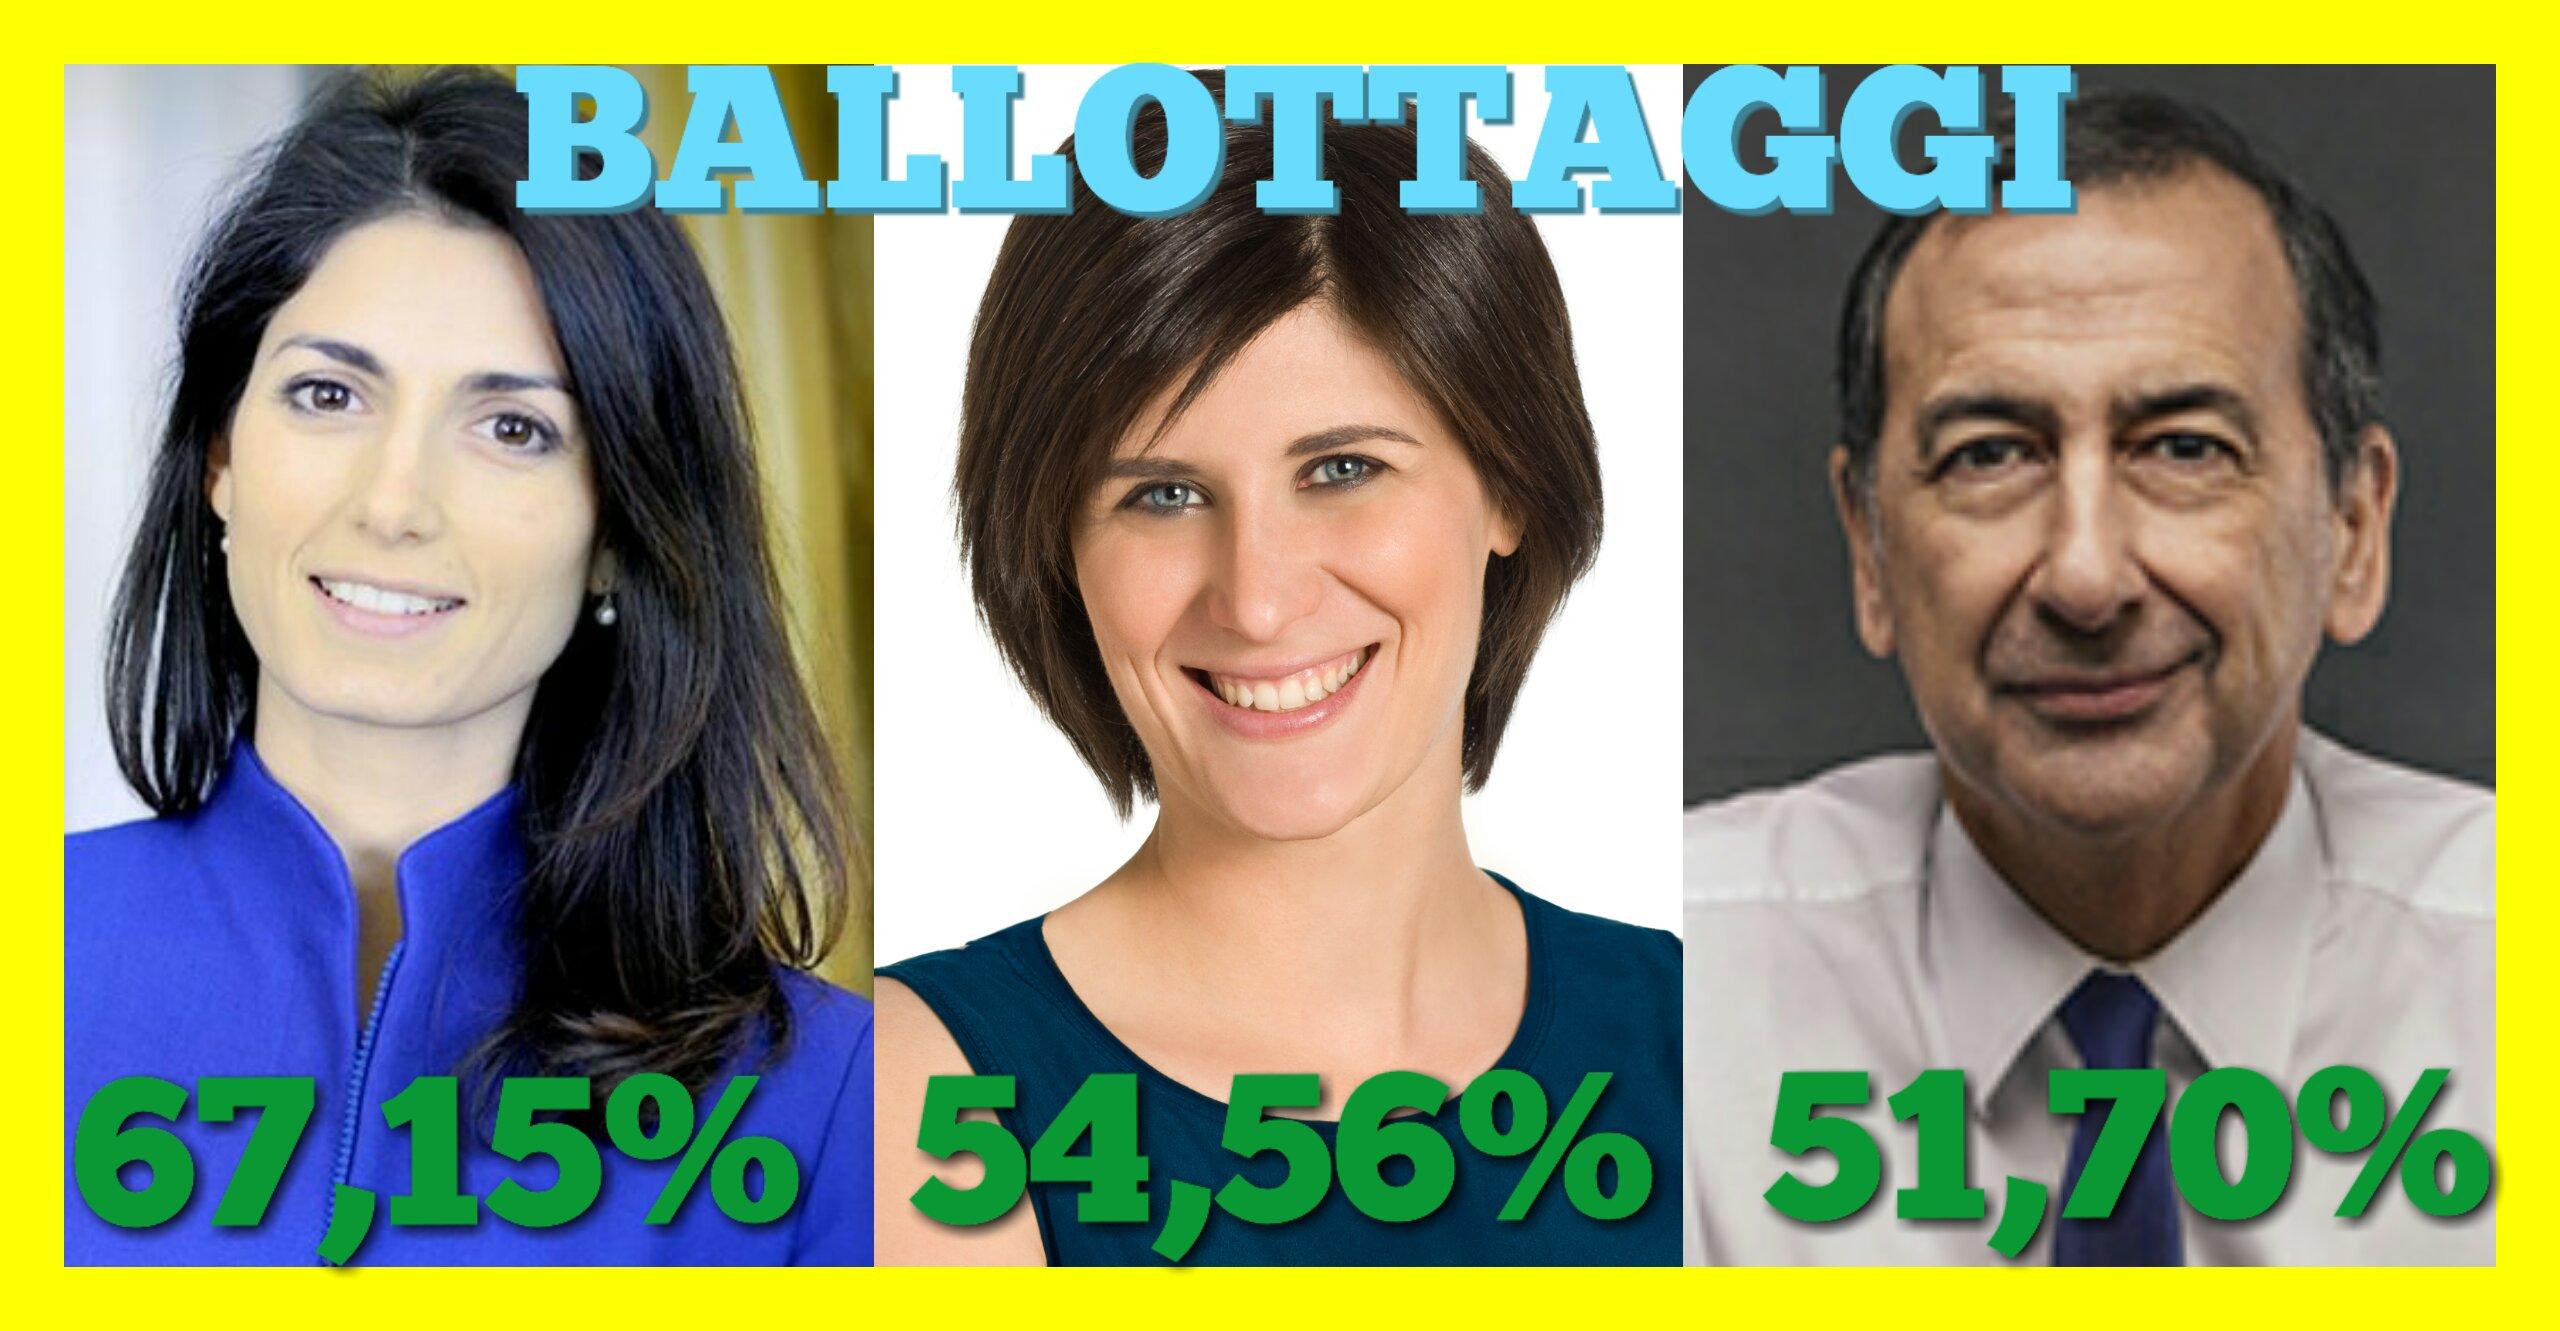 Le urne per i ballottaggi dei sindaci delle principali città italiane hanno riservato grandi sorprese, decretando il trionfo del Movimento 5 Stelle.Dallo scrutinio dei voti sono infatti emersi dei dati […]